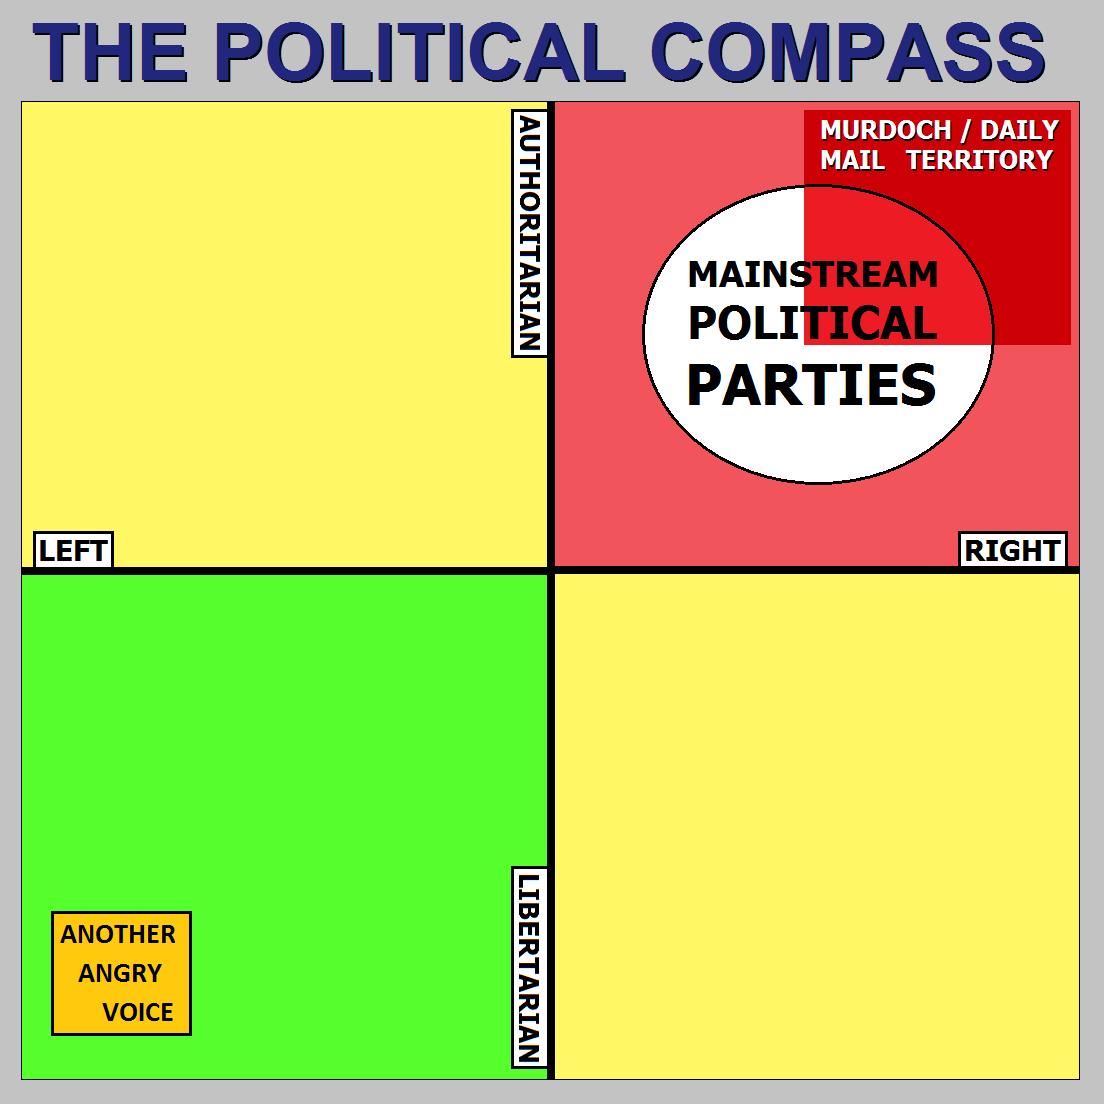 story political compass wrong libertarians left